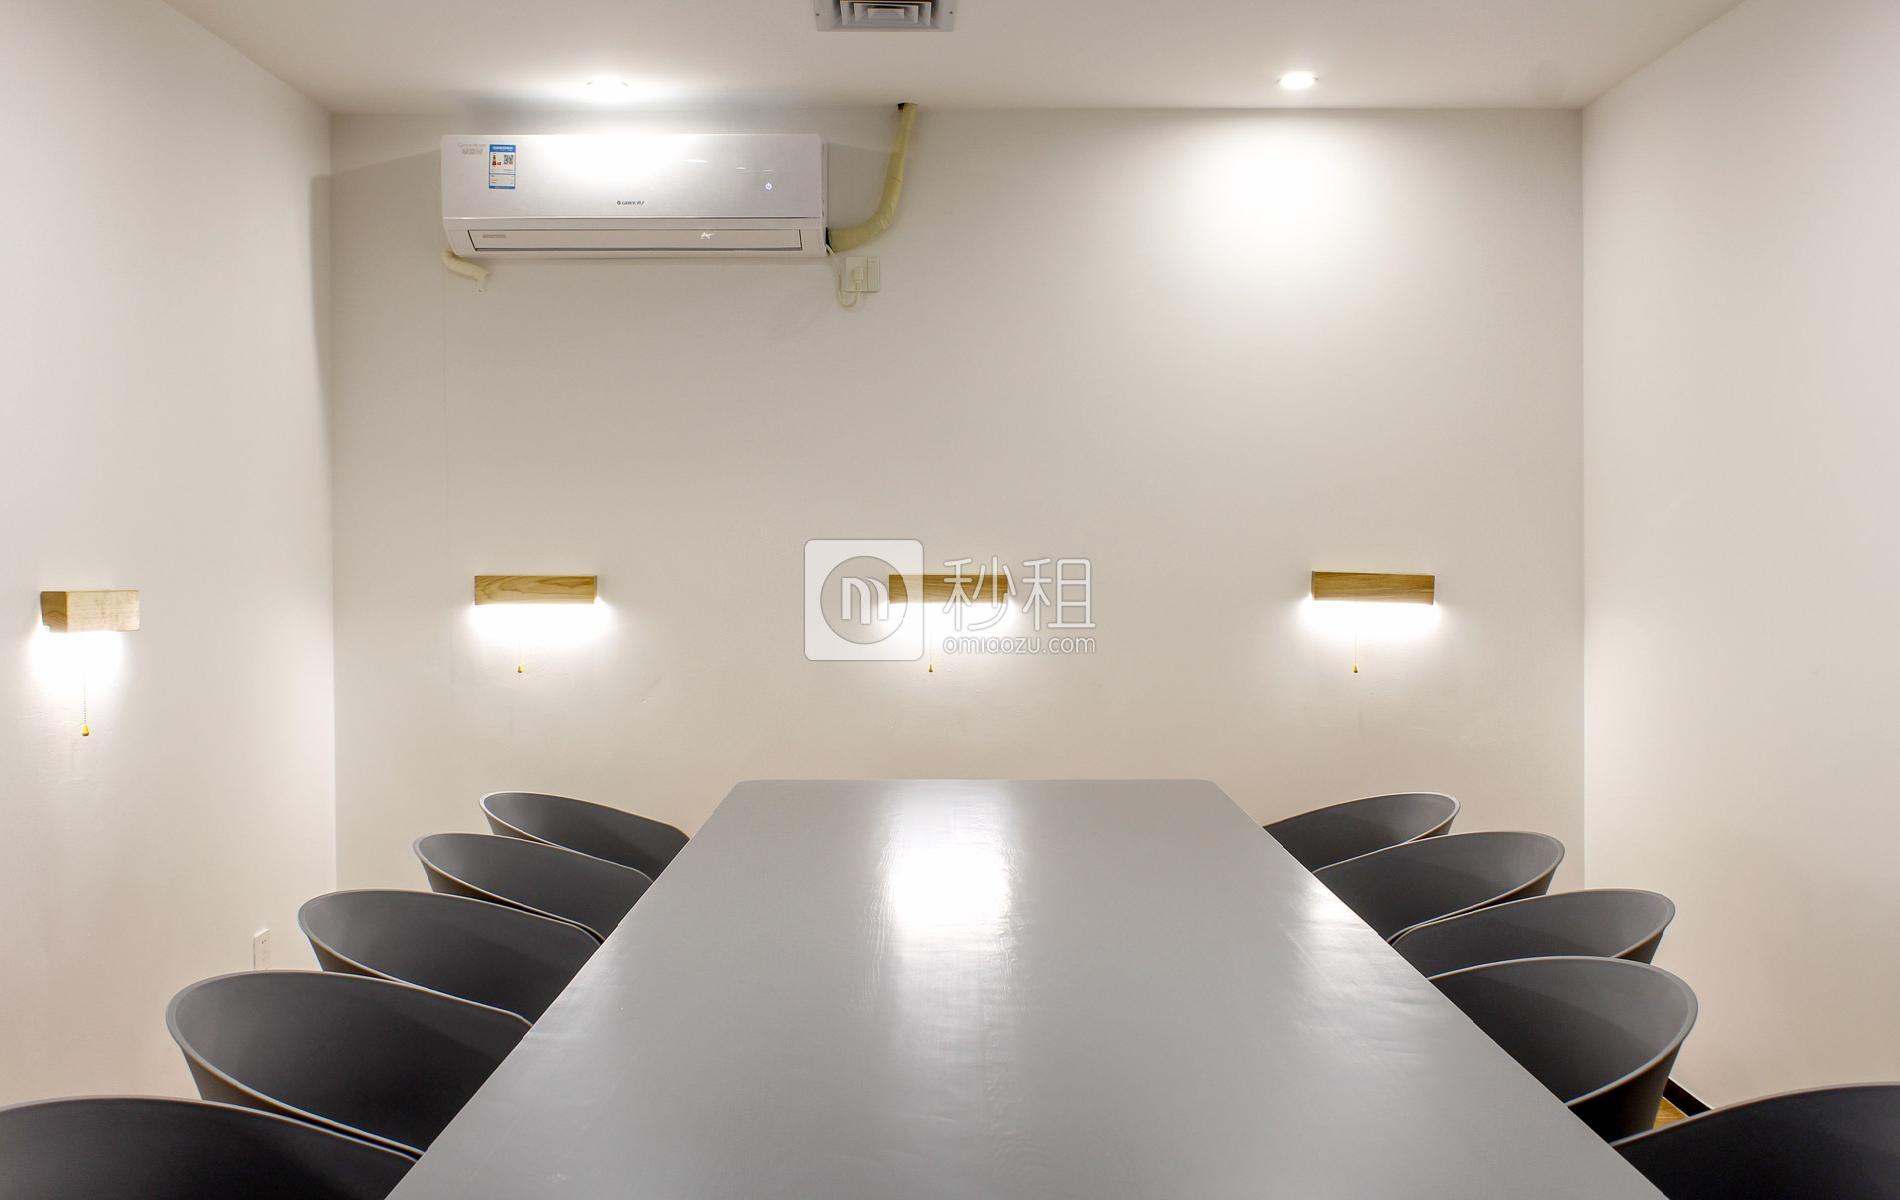 众里创业社区-兴东写字楼出租/招租/租赁,众里创业社区-兴东办公室出租/招租/租赁